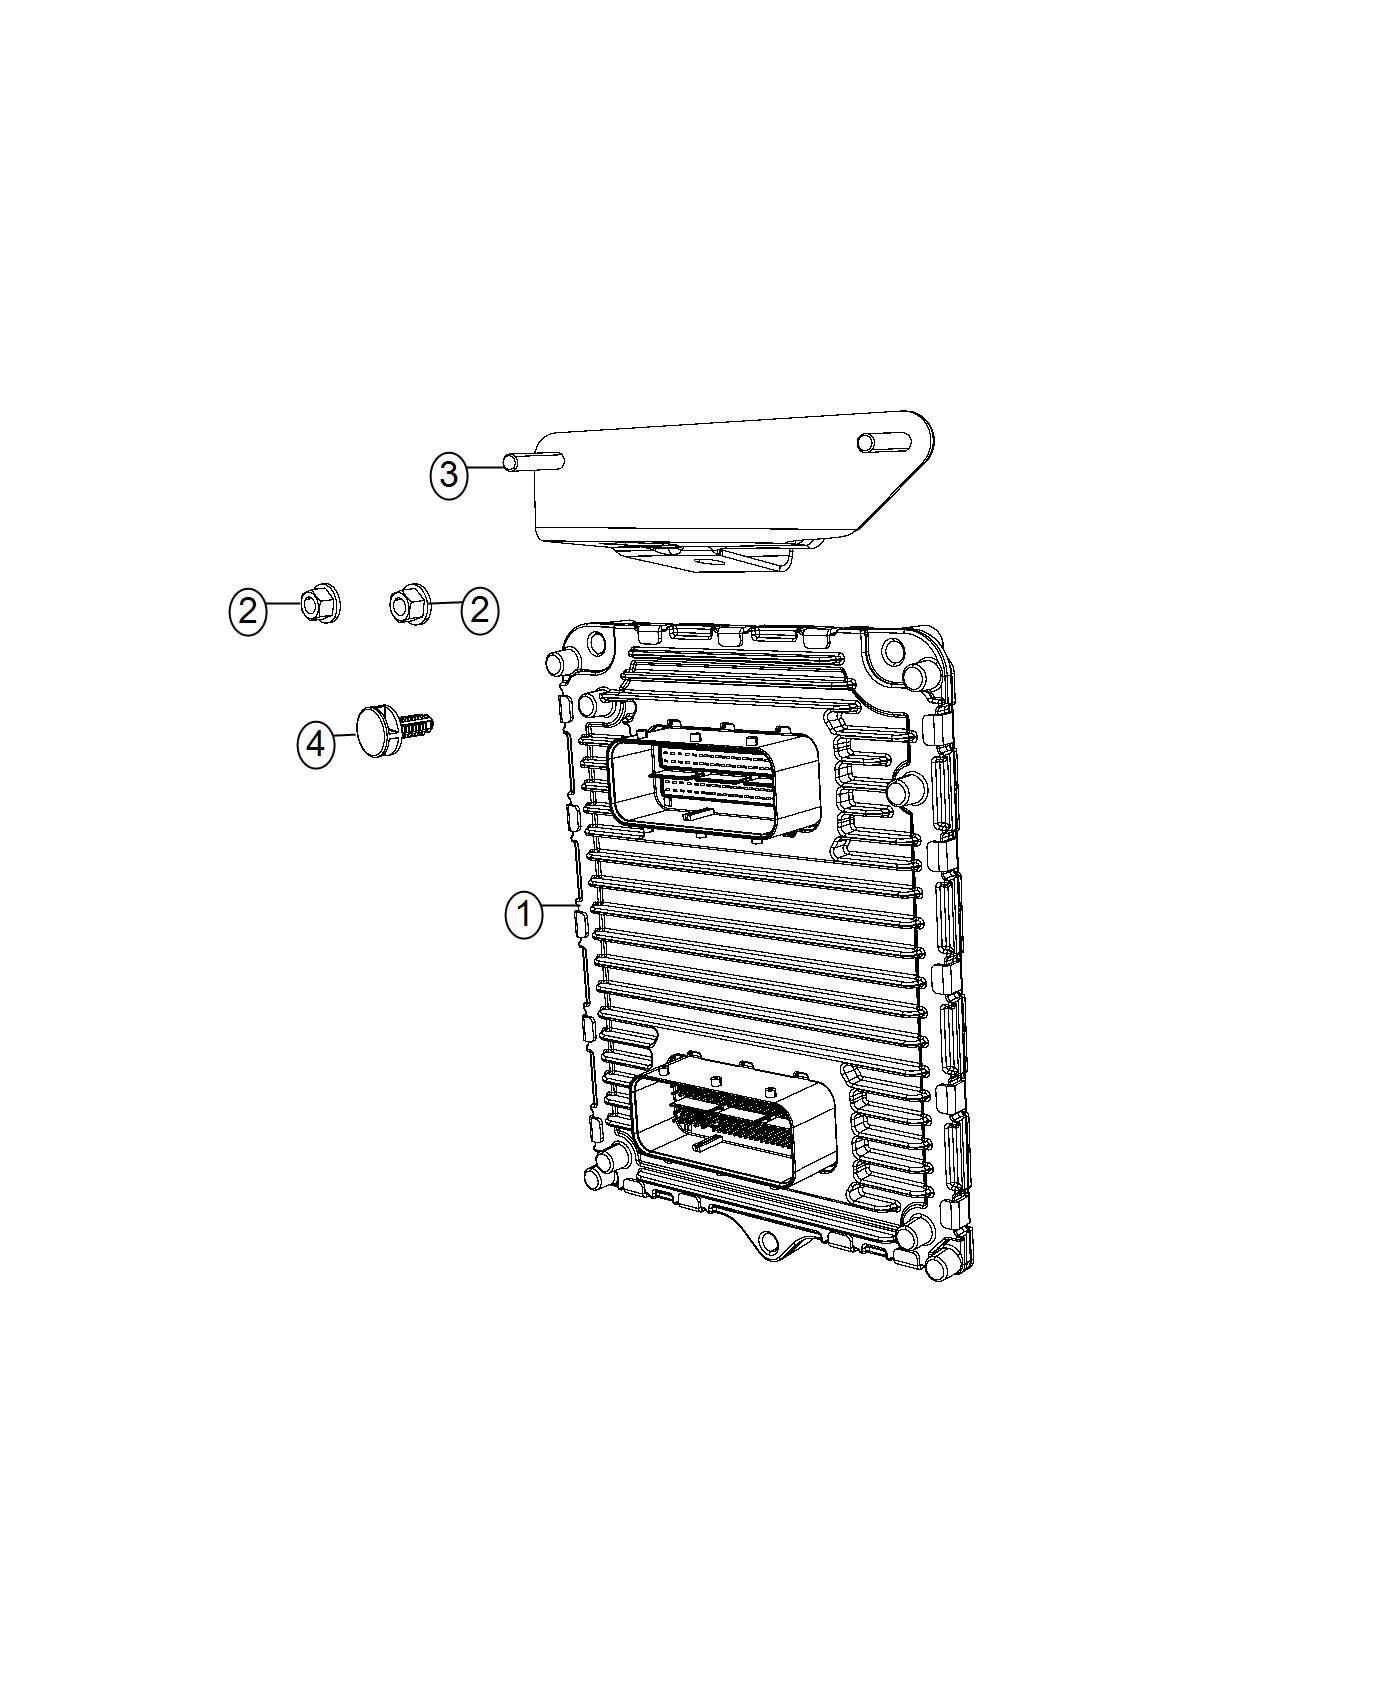 2017 Dodge Challenger Plug. Noise. [3.6l v6 24v vvt engine